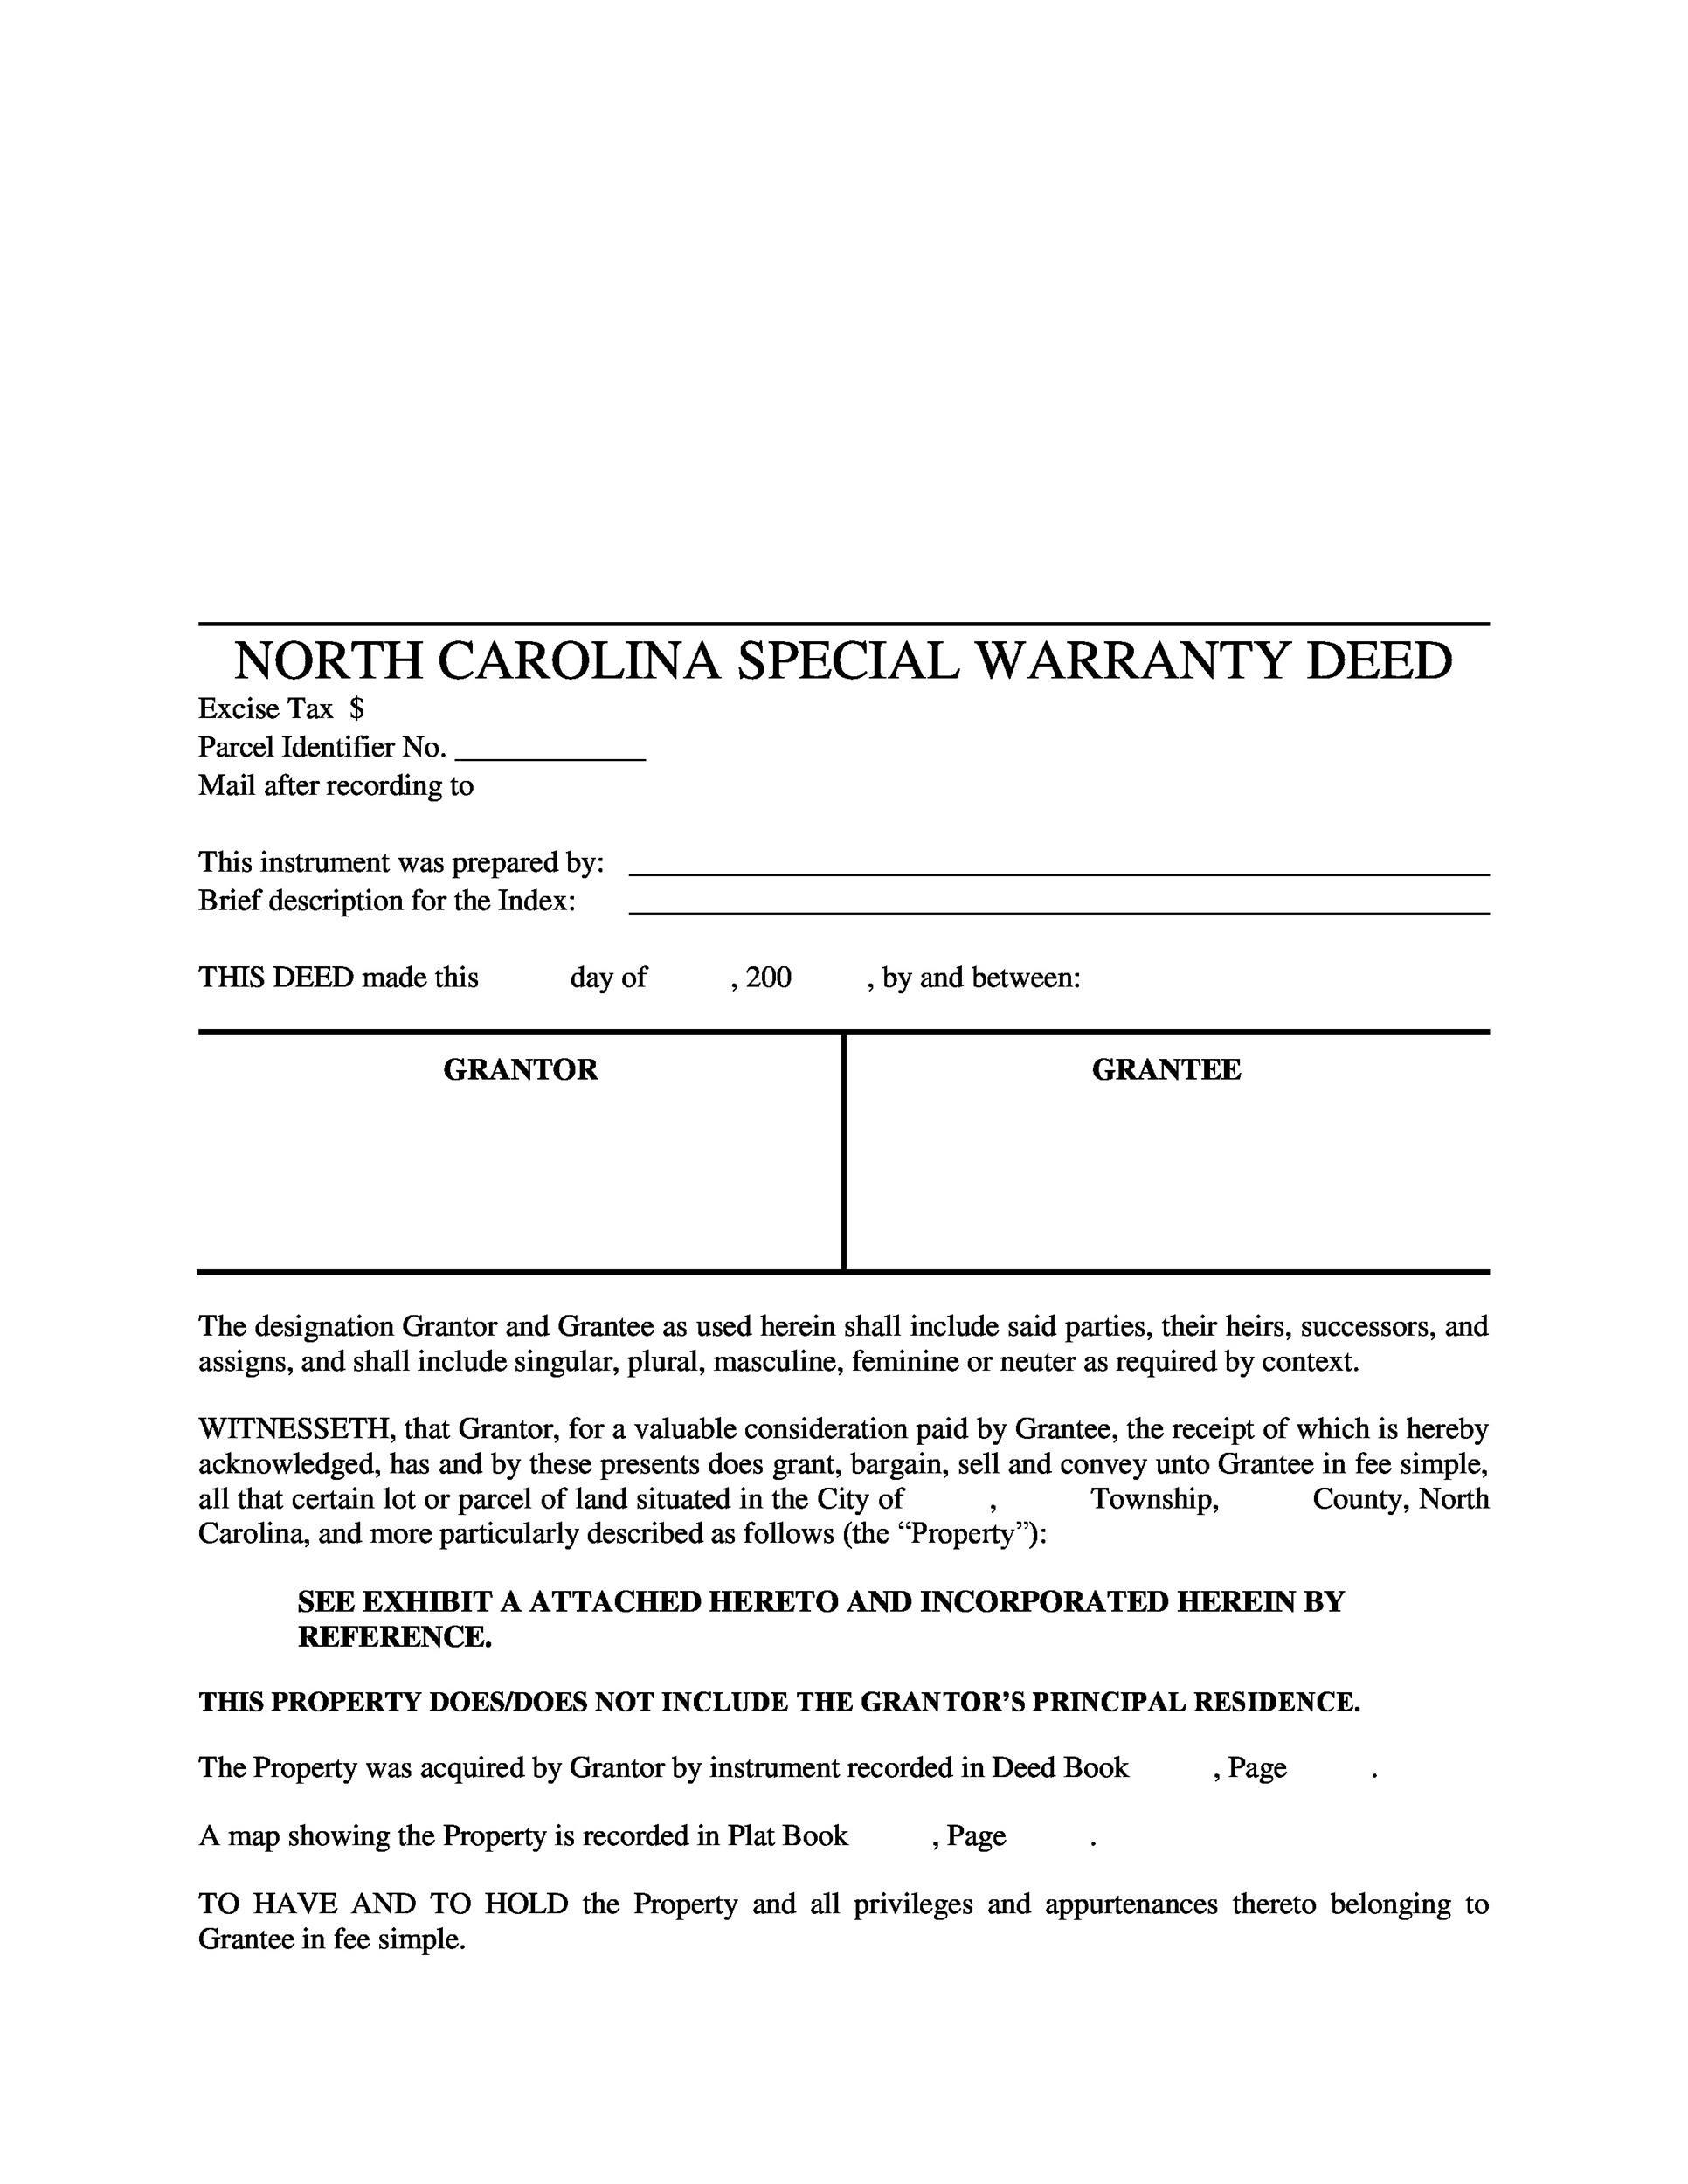 Free Warranty deed template 38